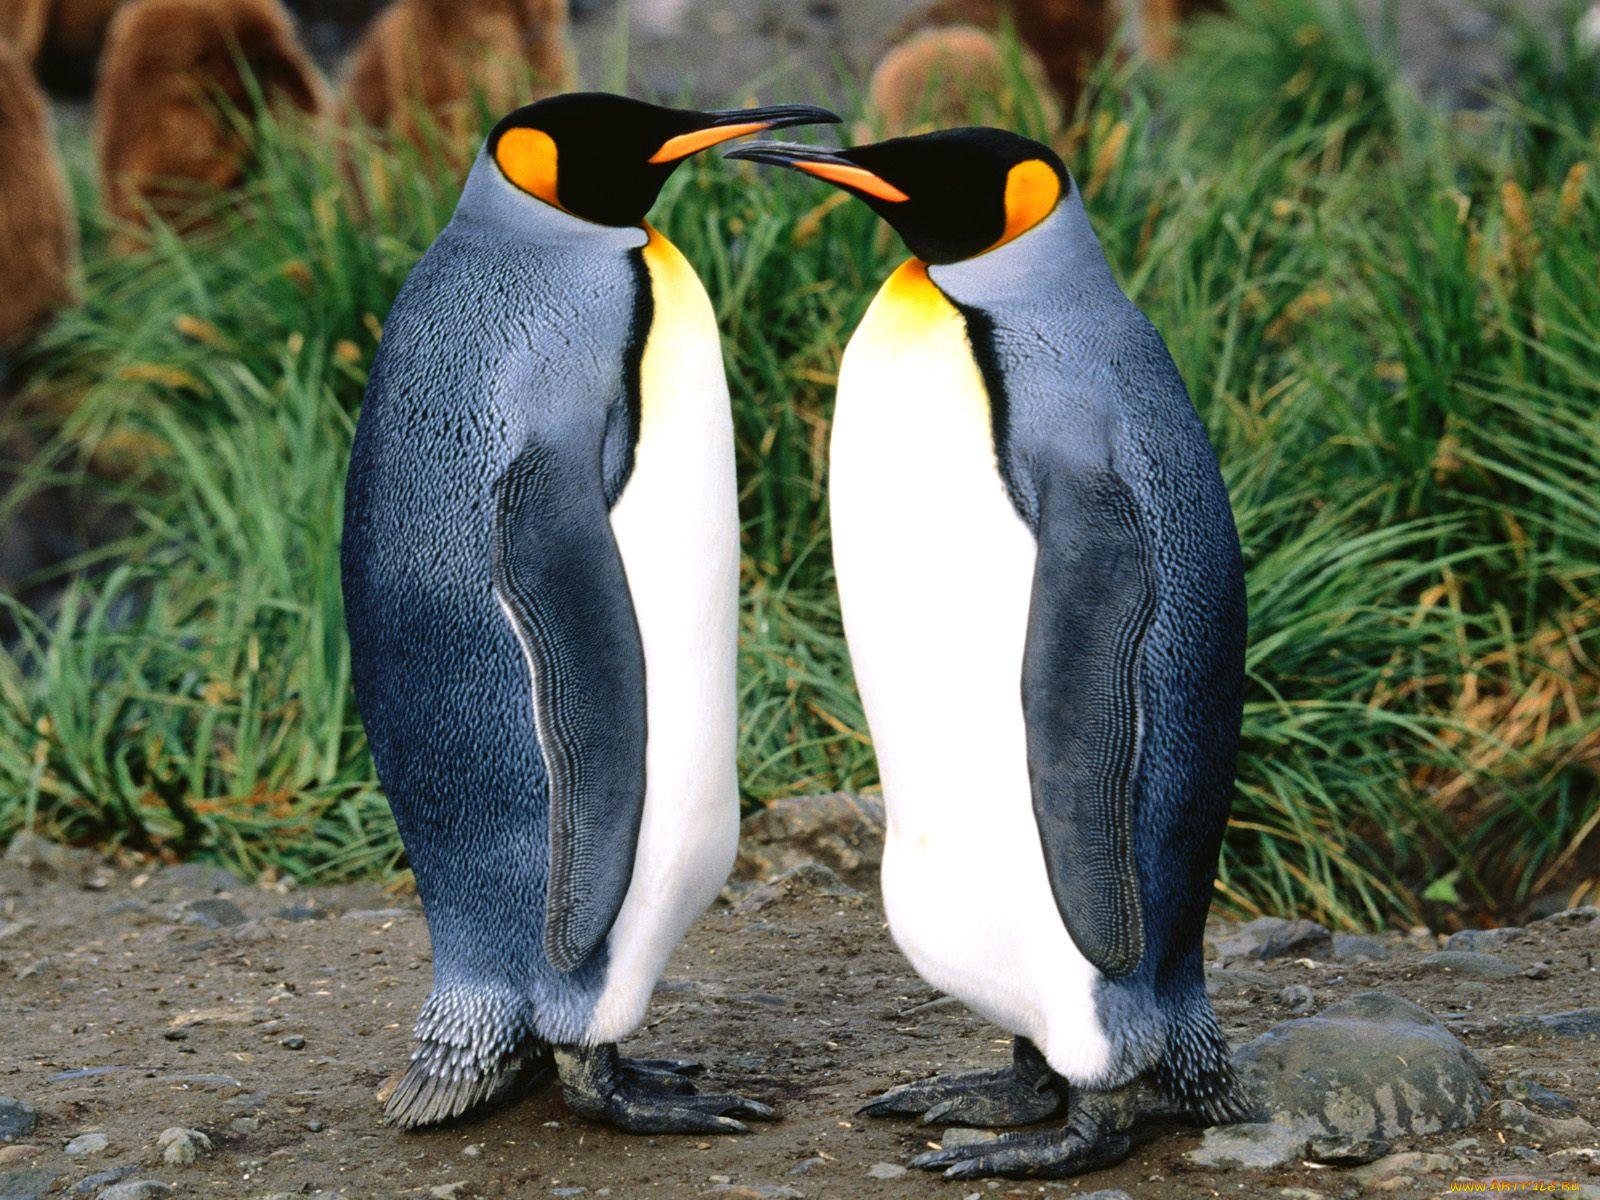 картинка двух пингвинов диссеминированный туберкулез